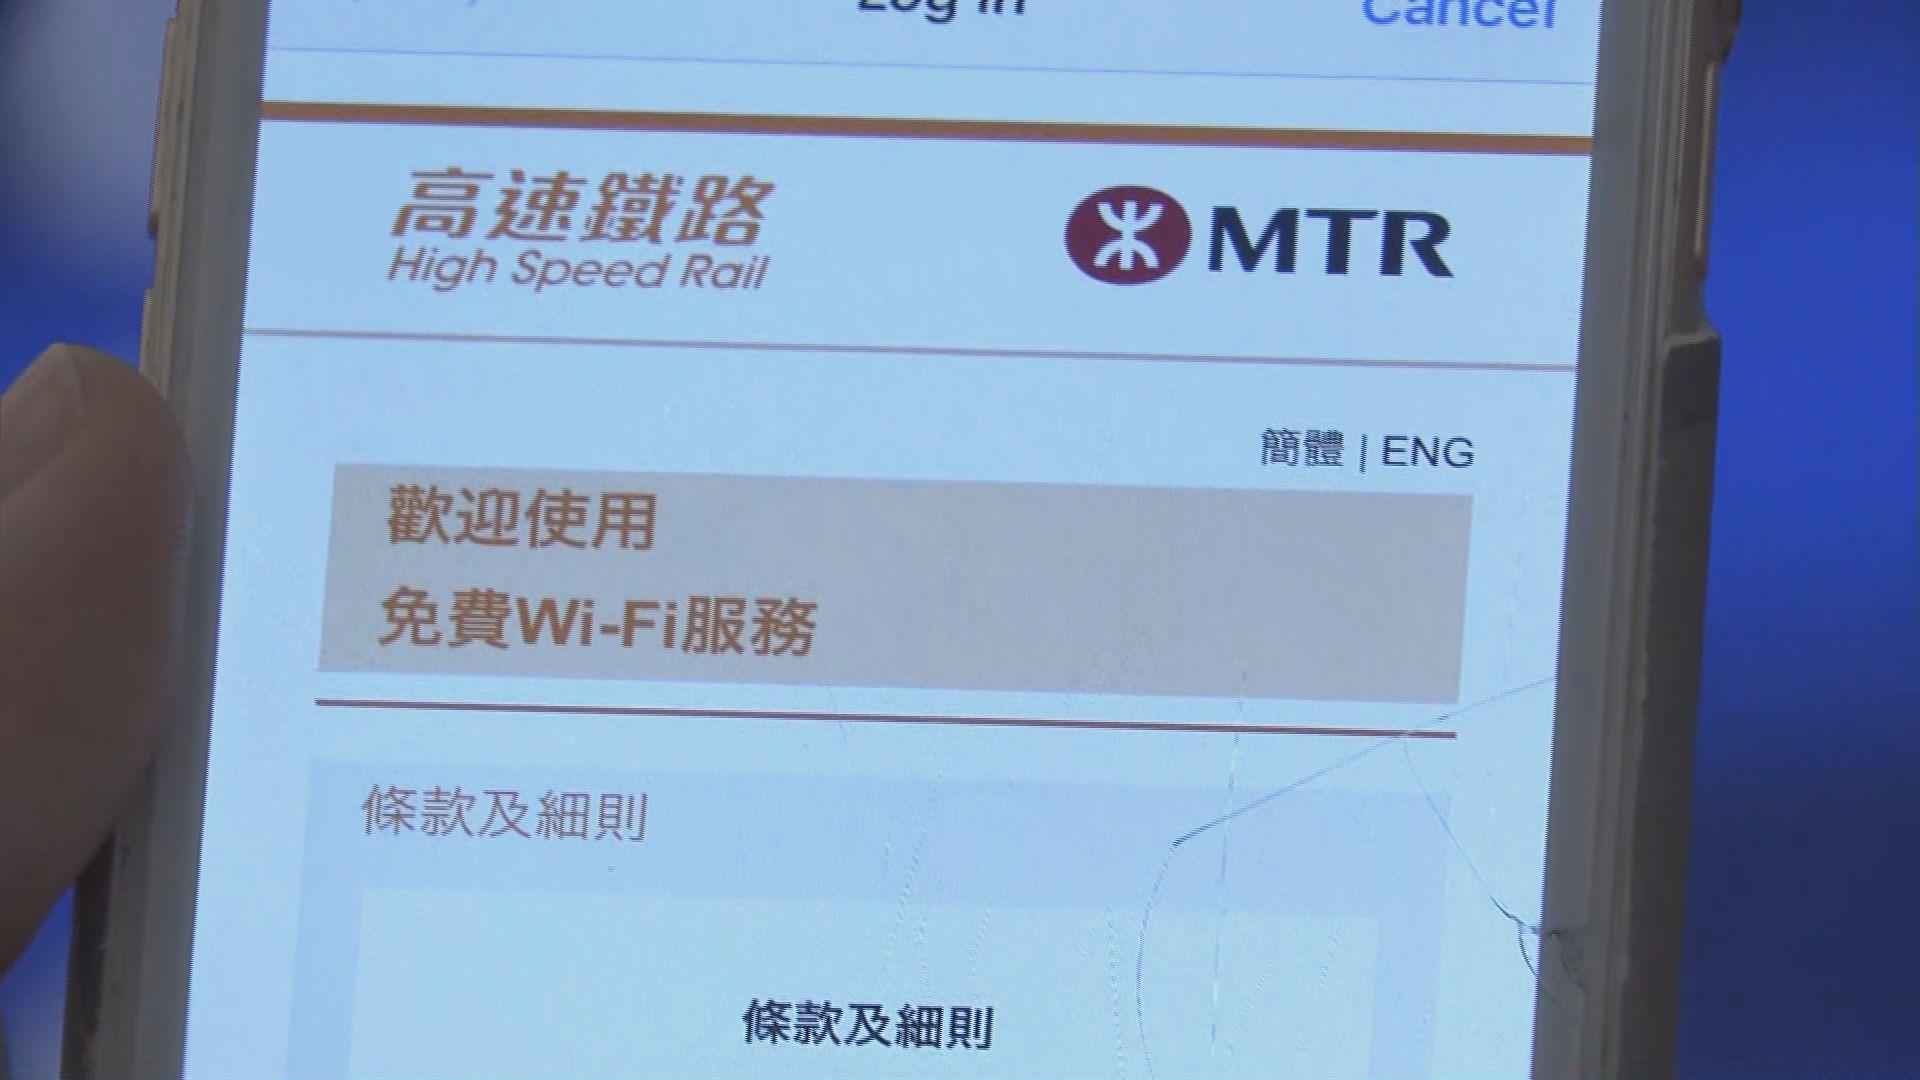 西九站WiFi供應商指資料轉內地以防罪案